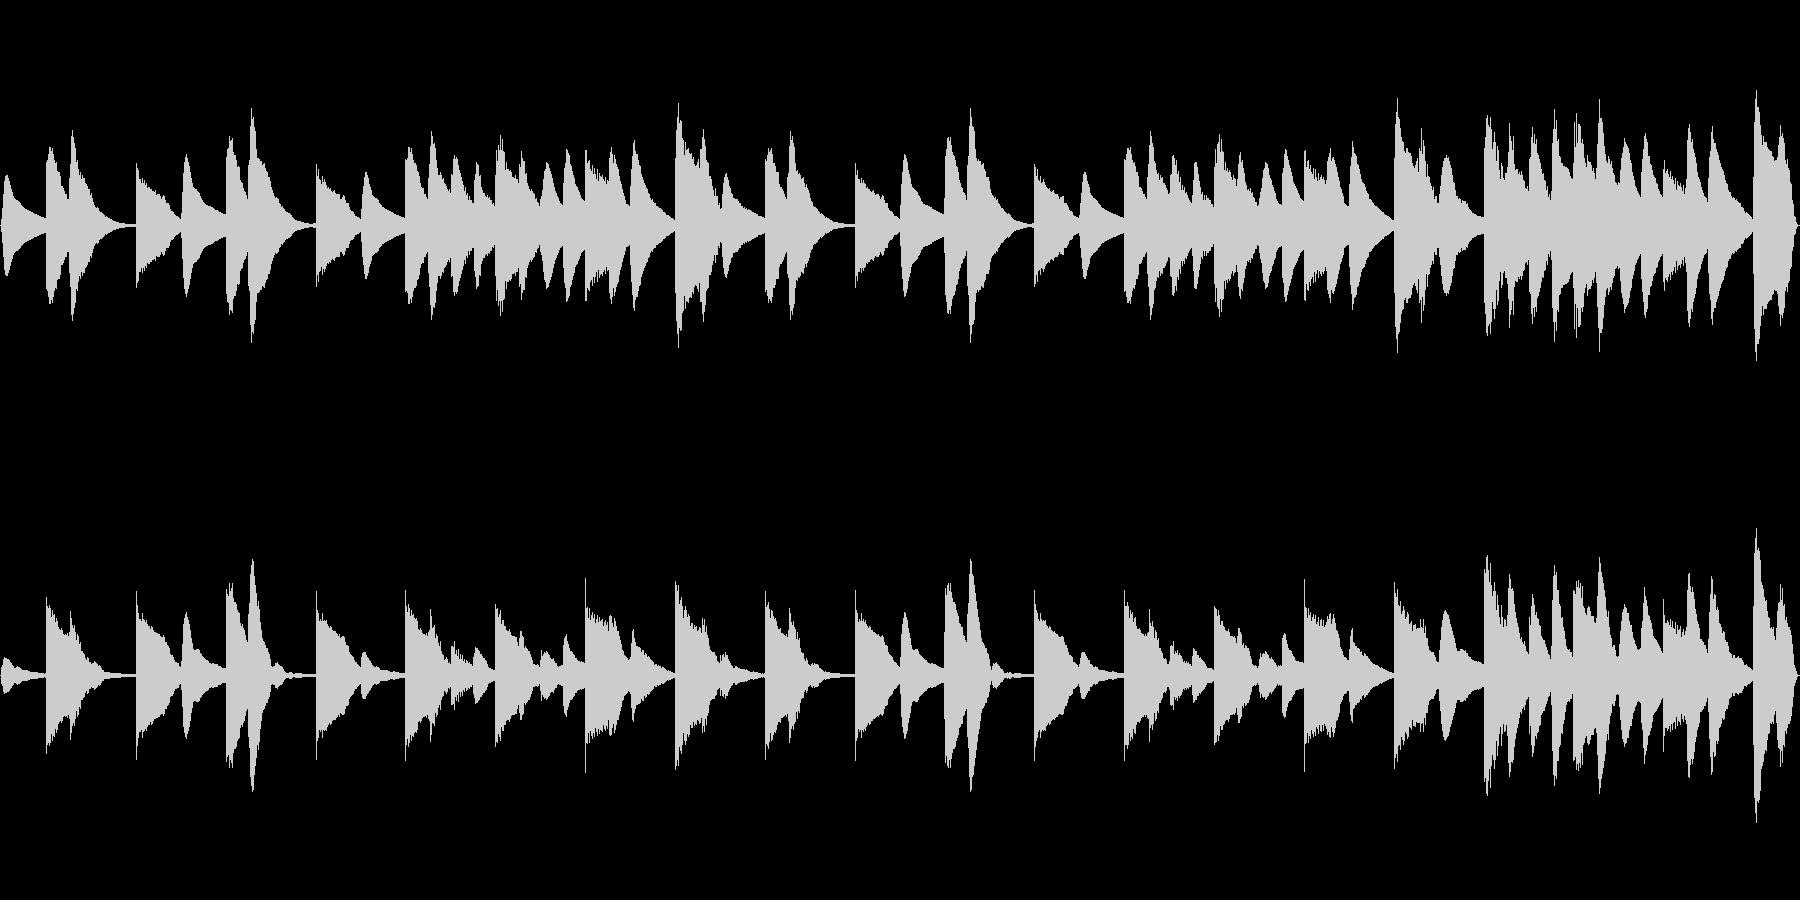 木琴と鉄琴の淡々とした静かなBGMの未再生の波形